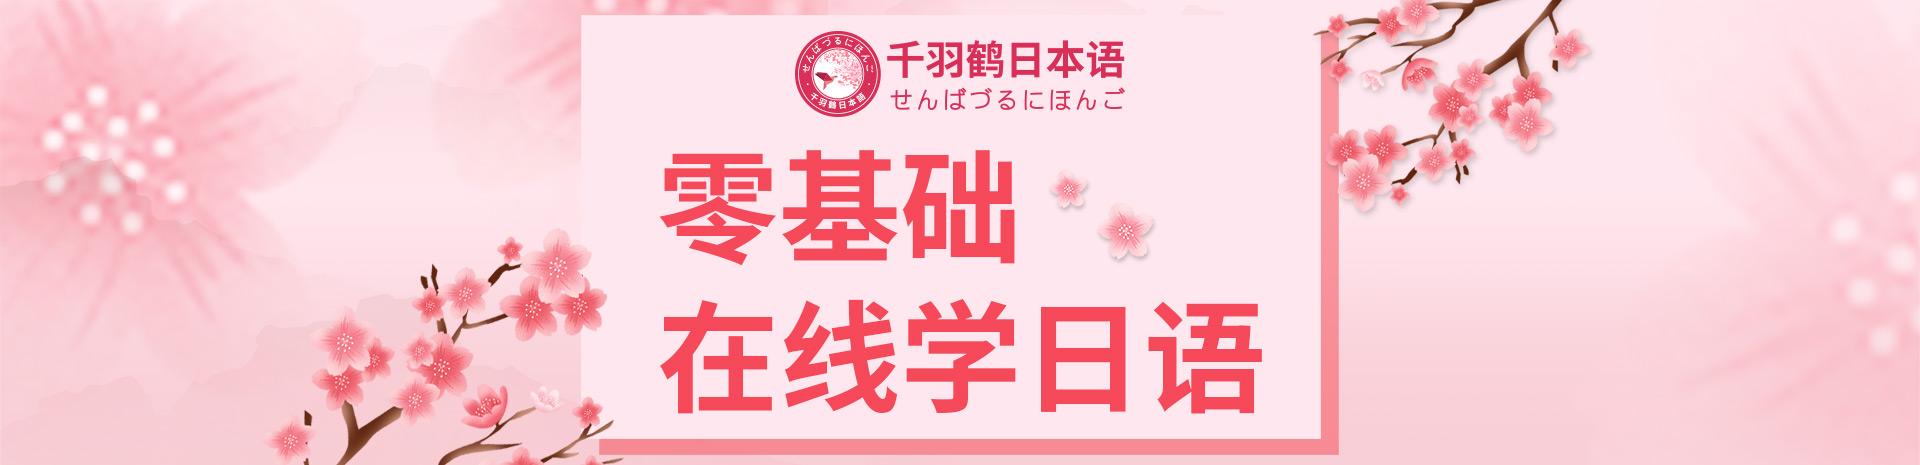 广州千羽鹤日本语